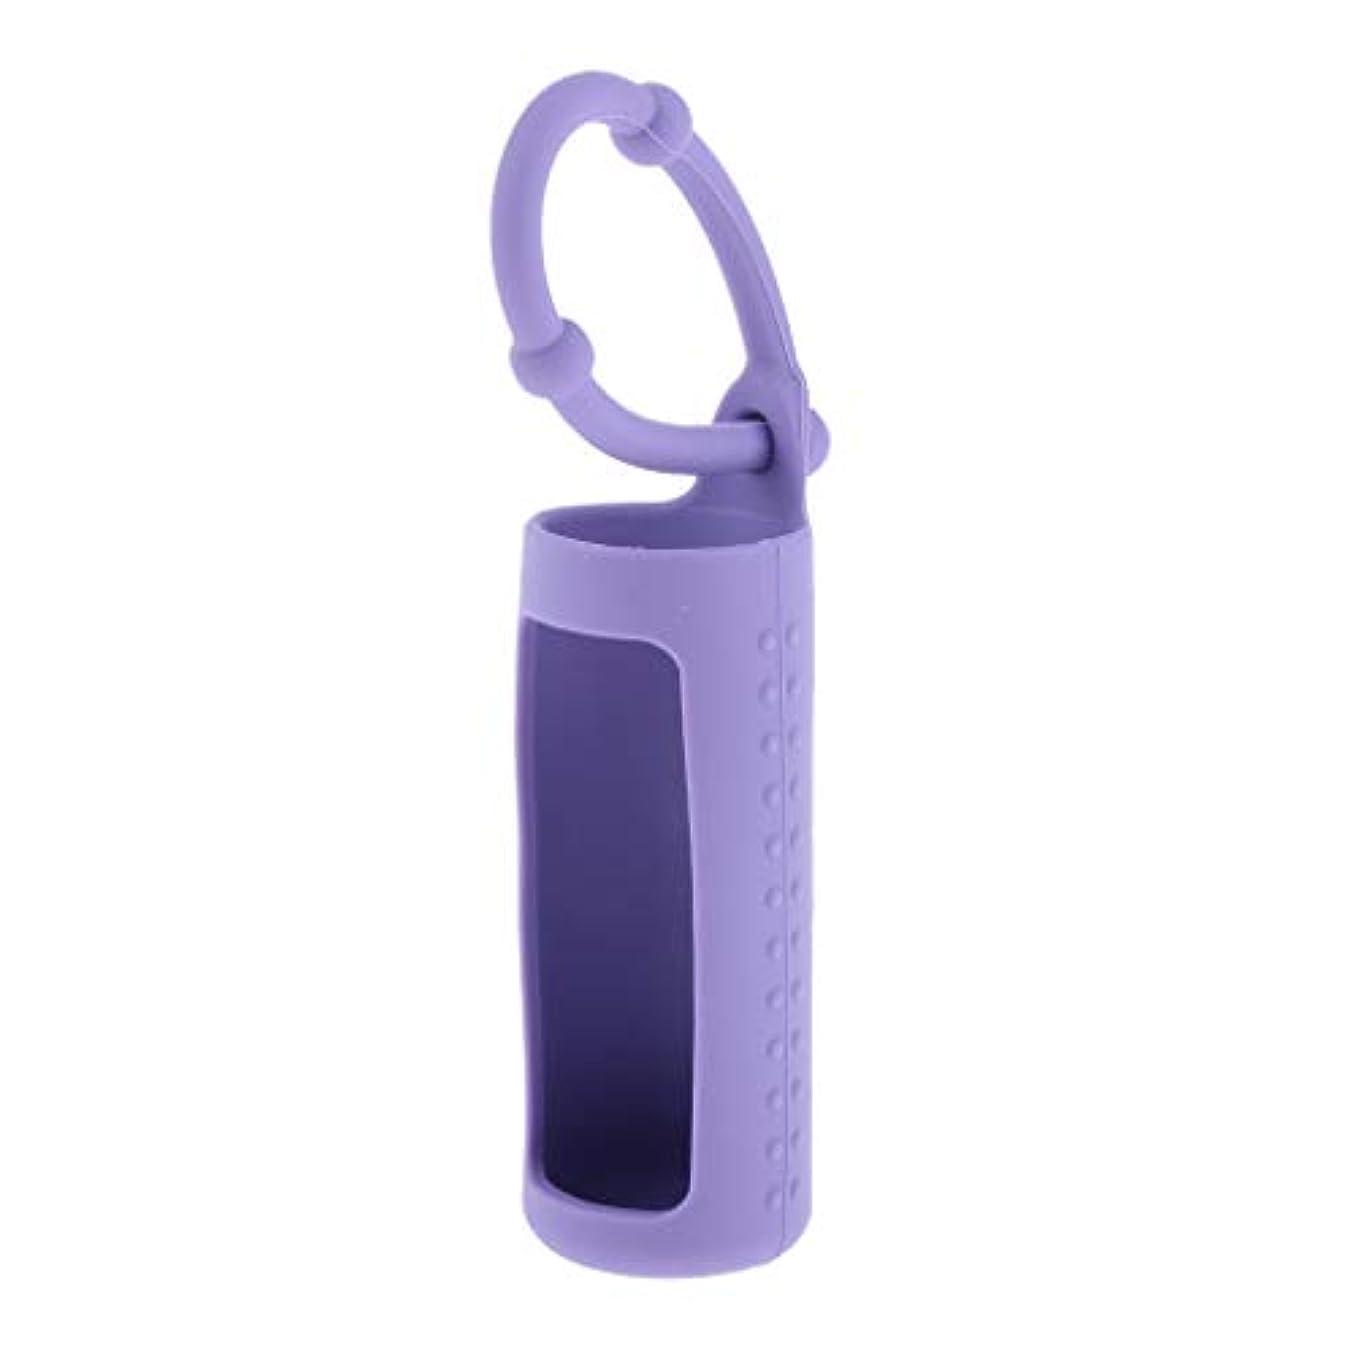 はげスイス人アーティファクトdailymall エッセンシャルオイル 精油 香水ボトル ホルダー 詰替え容器 吊り掛け 10ml 全6色 - 紫